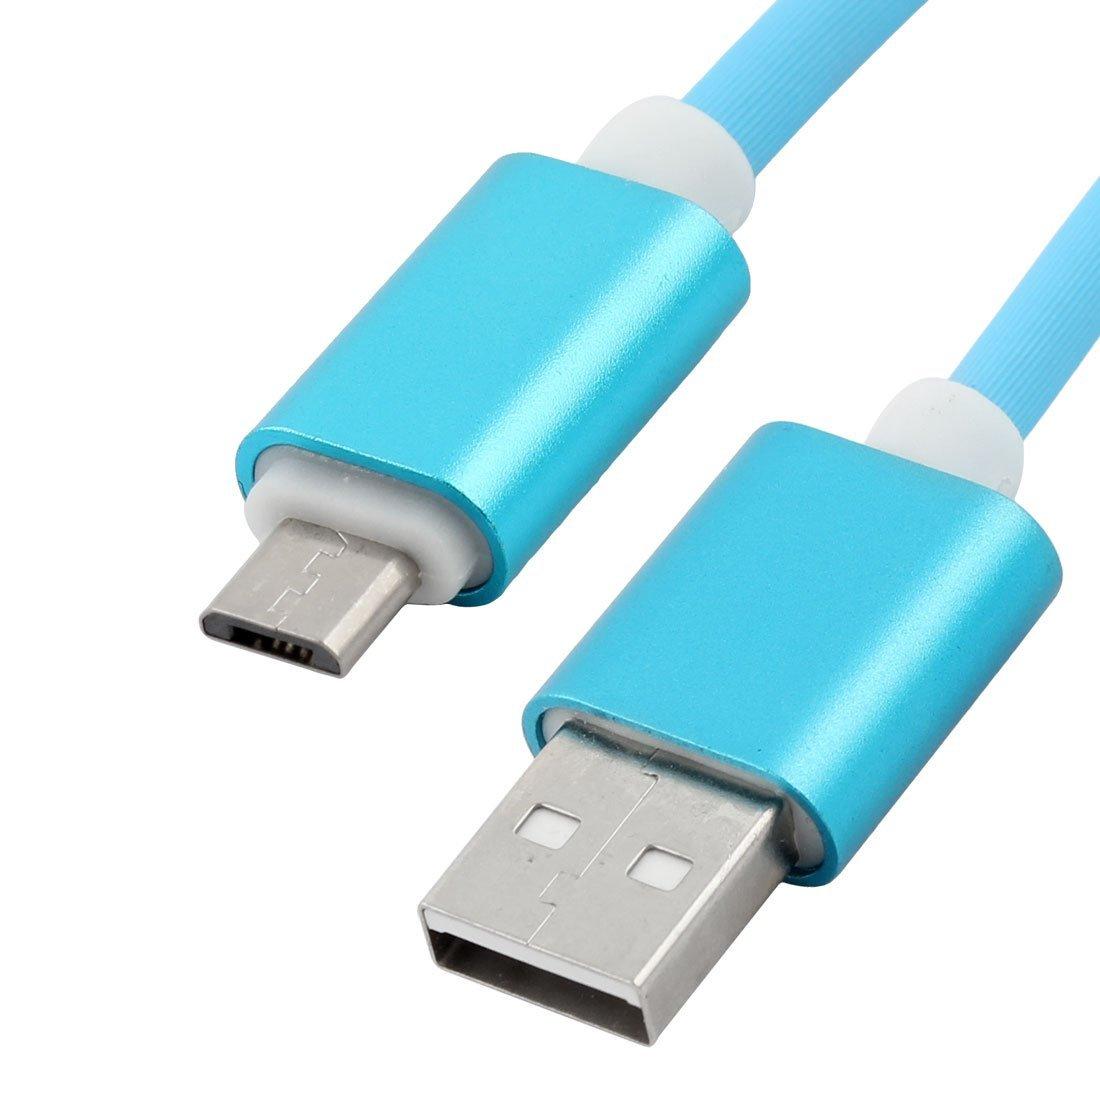 Amazon.com: eDealMax plástico del teléfono celular Micro USB 2.0 Cable de carga Azul Cable Para dispositivo Android: Electronics